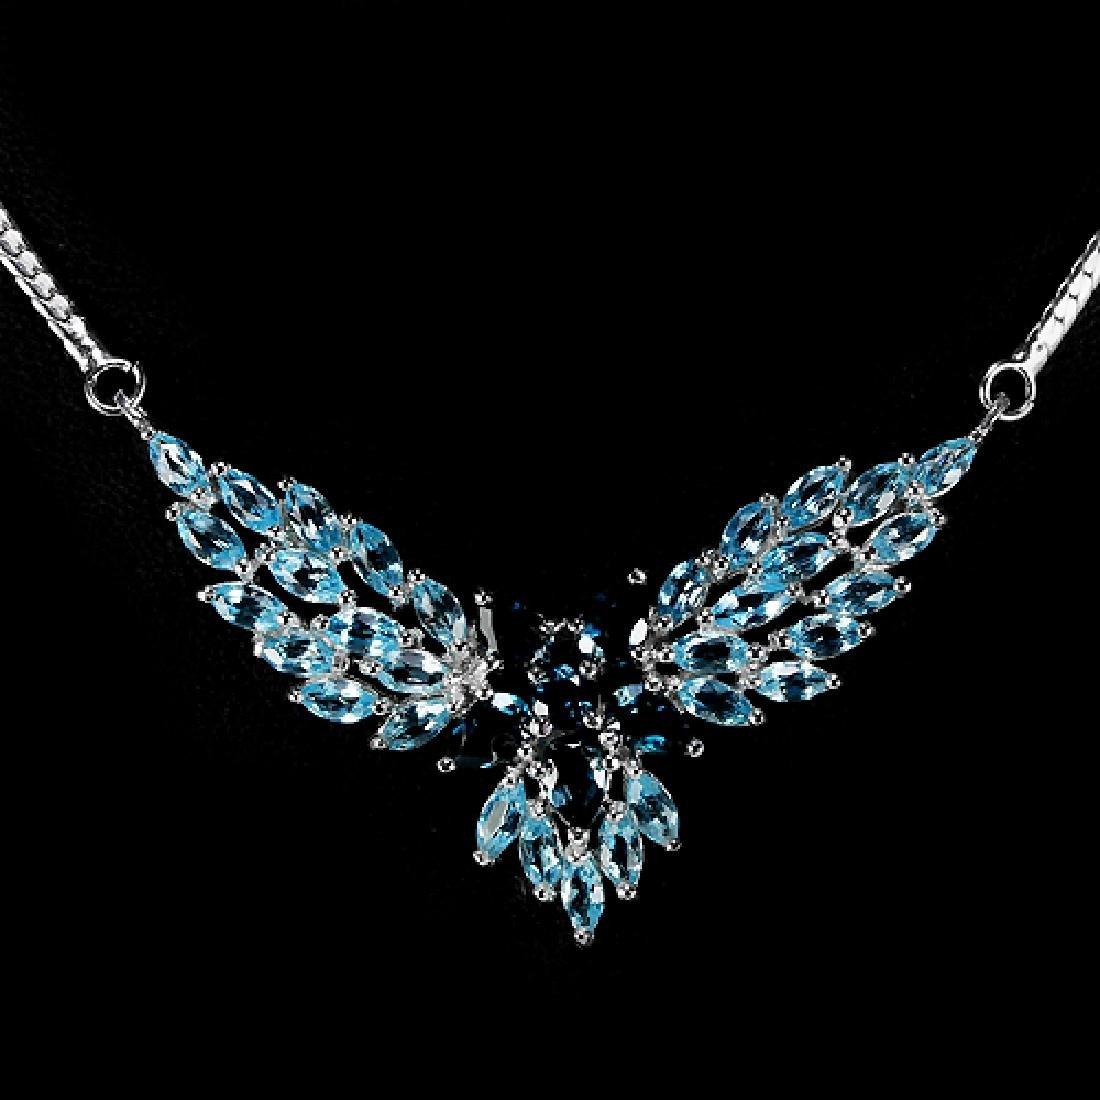 Natural Sky & London Blue Topaz Necklace - 3